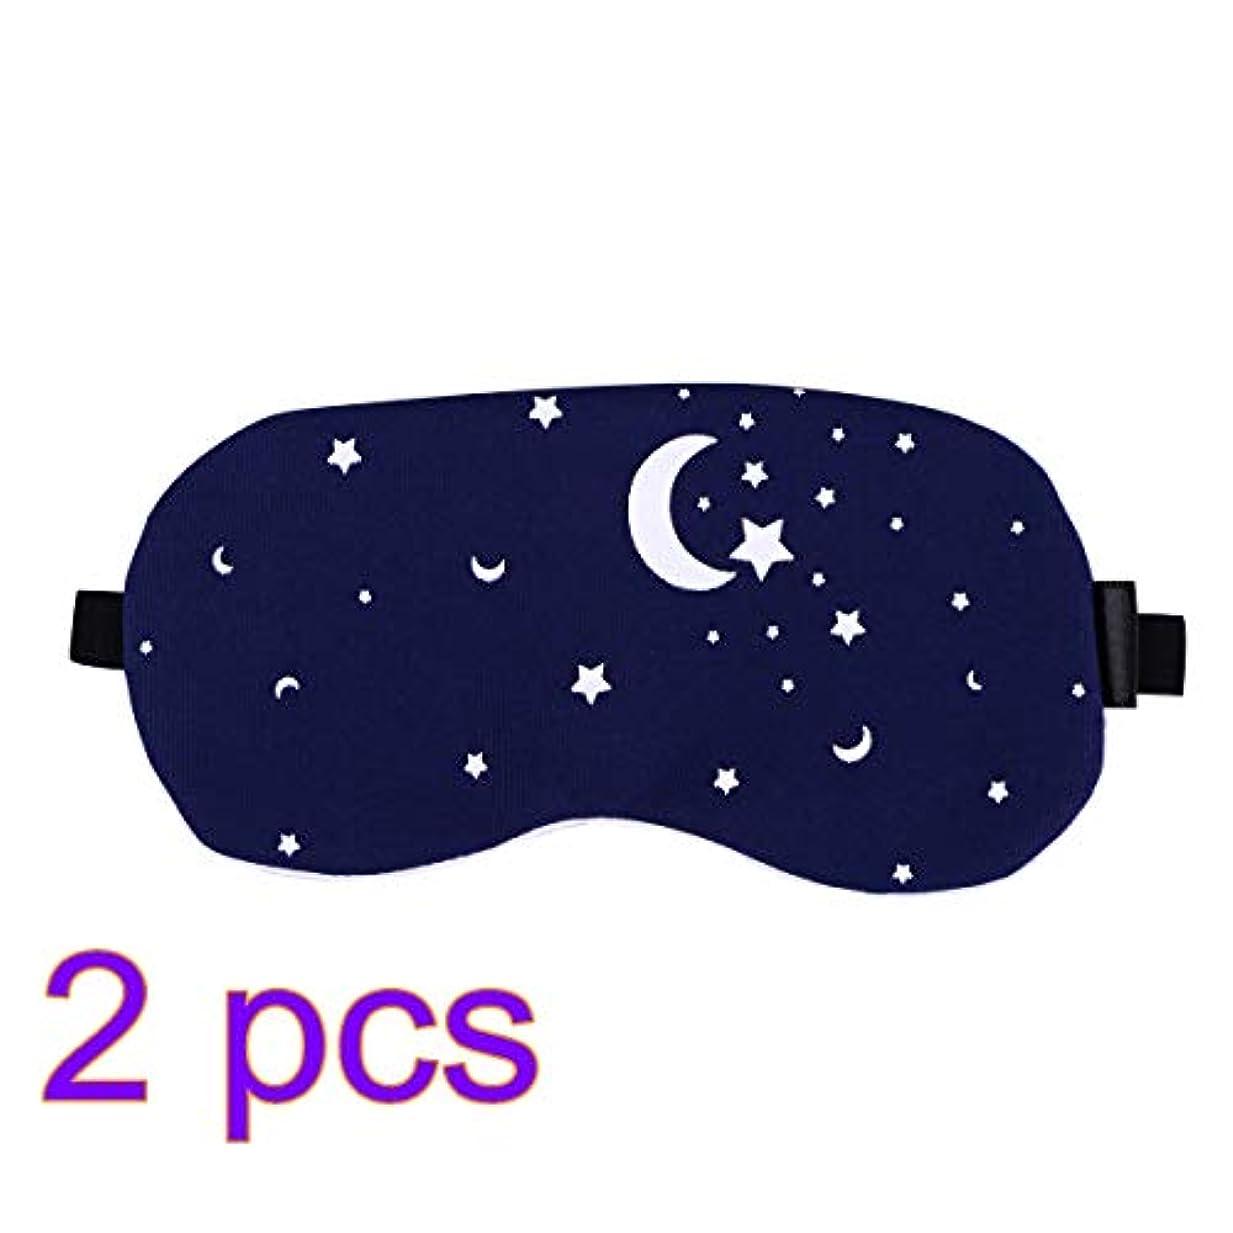 巻き取り上院床Healifty コットンとリネンアイスリーピングマスクブラインドパッチアジャストストラップコールド/ホットジェルストレス緩和用女性のためのふくらんでいる目の頭痛を解消2pcs(Starry Sky)